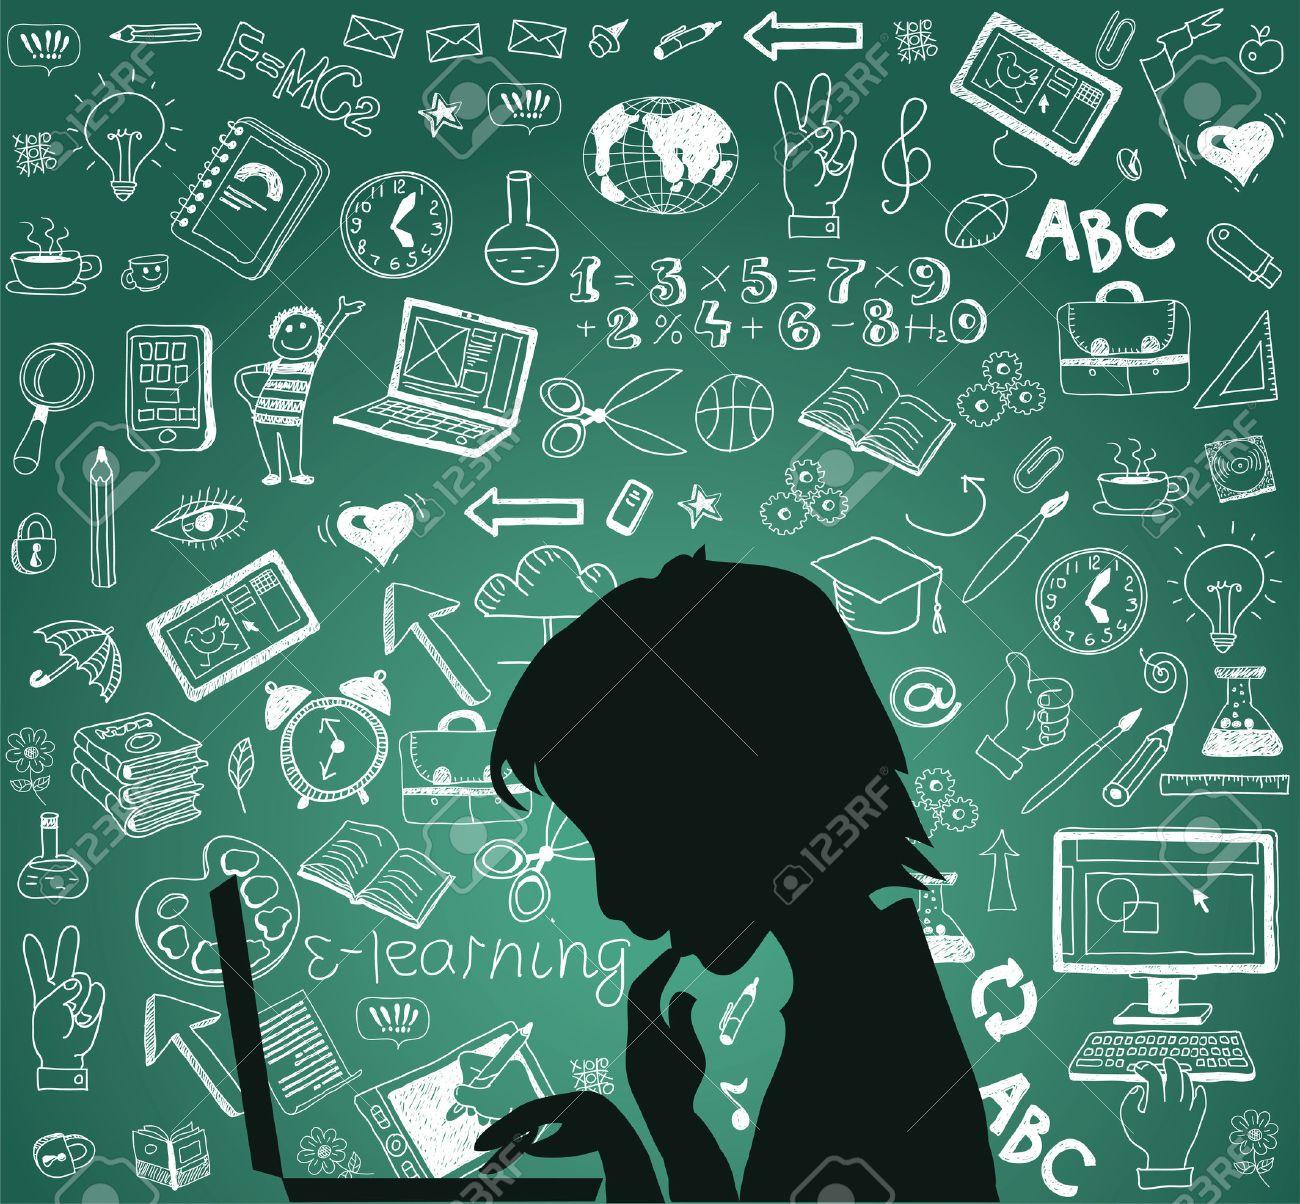 Back to school - doodle set, concept background education. Standard-Bild - 46202952